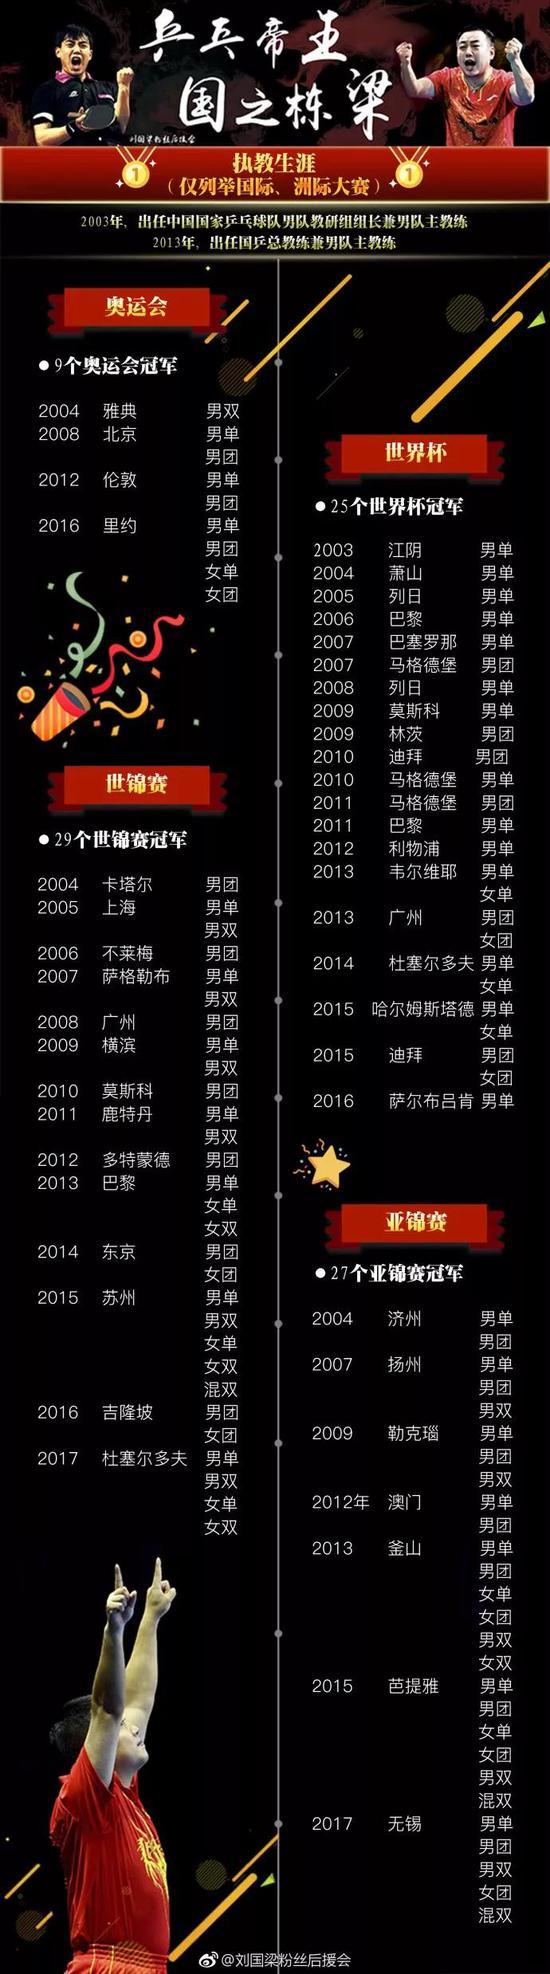 来源:@刘国梁粉丝后援会